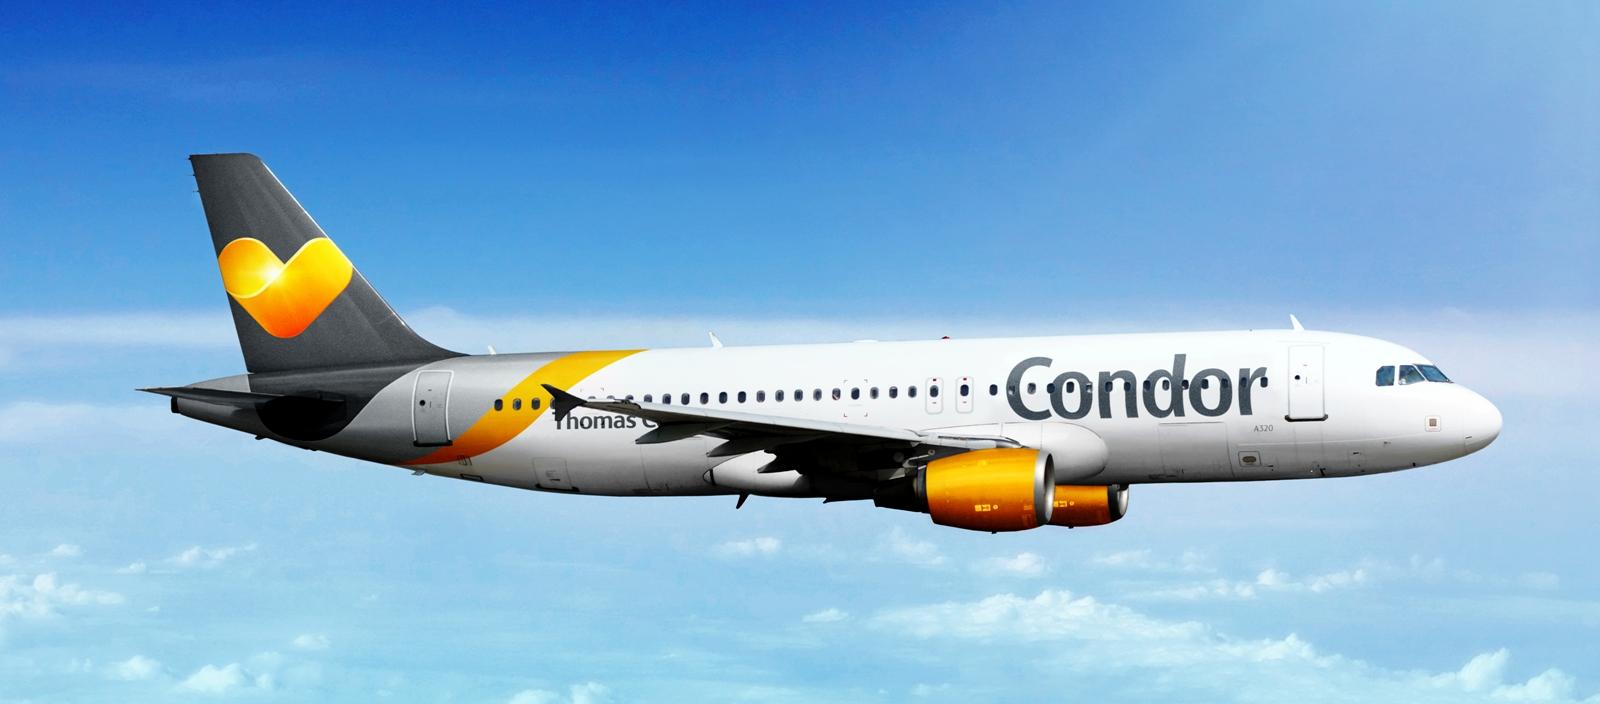 Titel-Condor_Airbus_A320-200